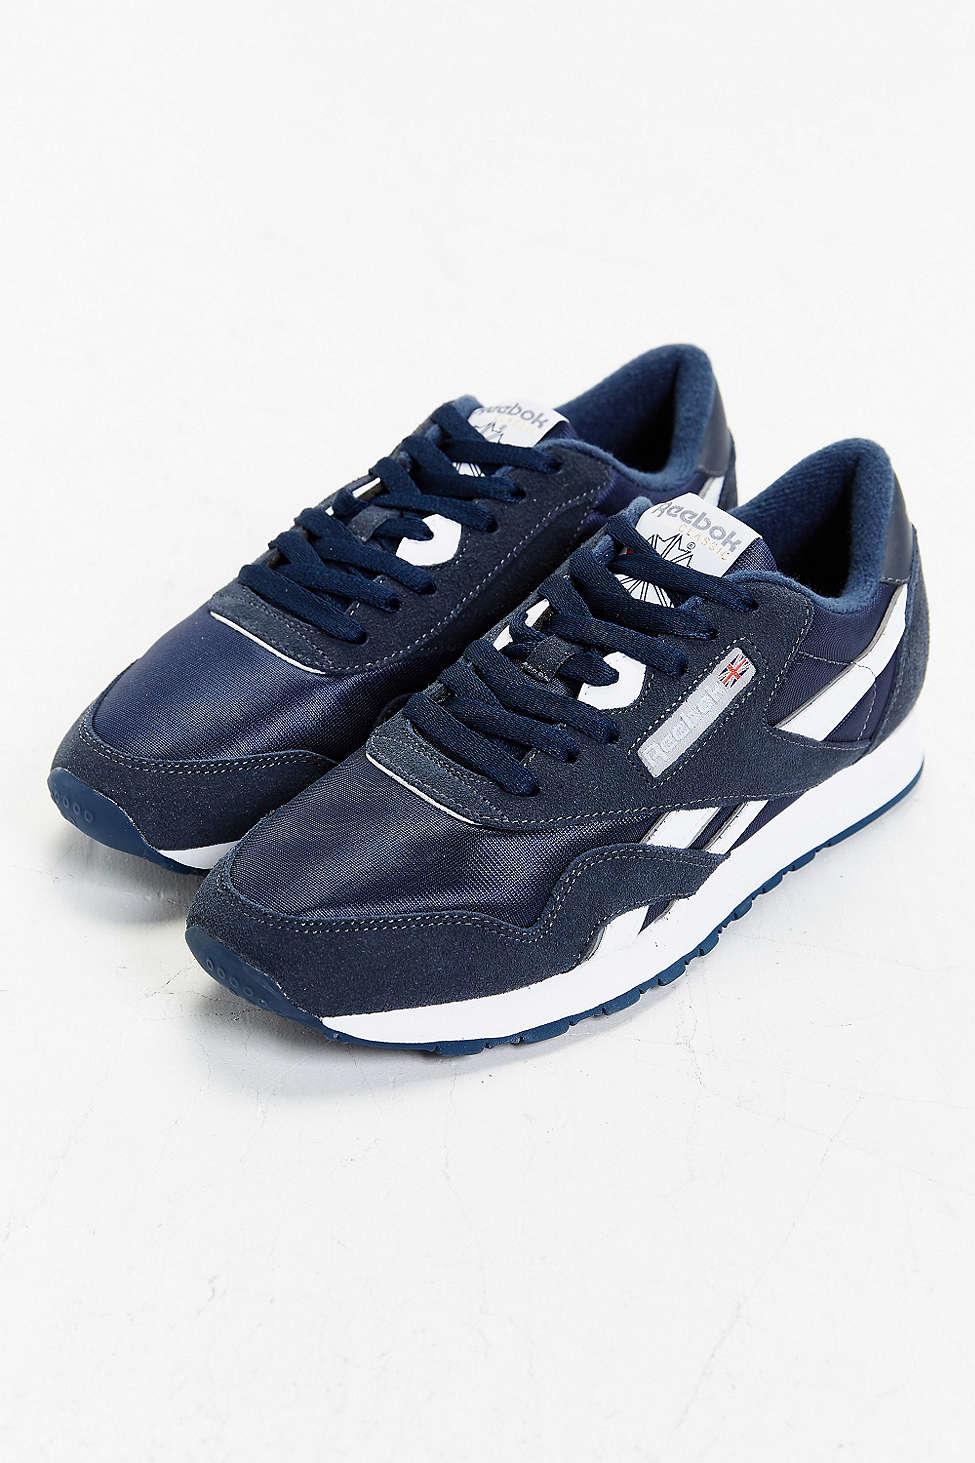 Lyst - Reebok Classic Nylon Sneaker in Blue for Men 9262b76a3